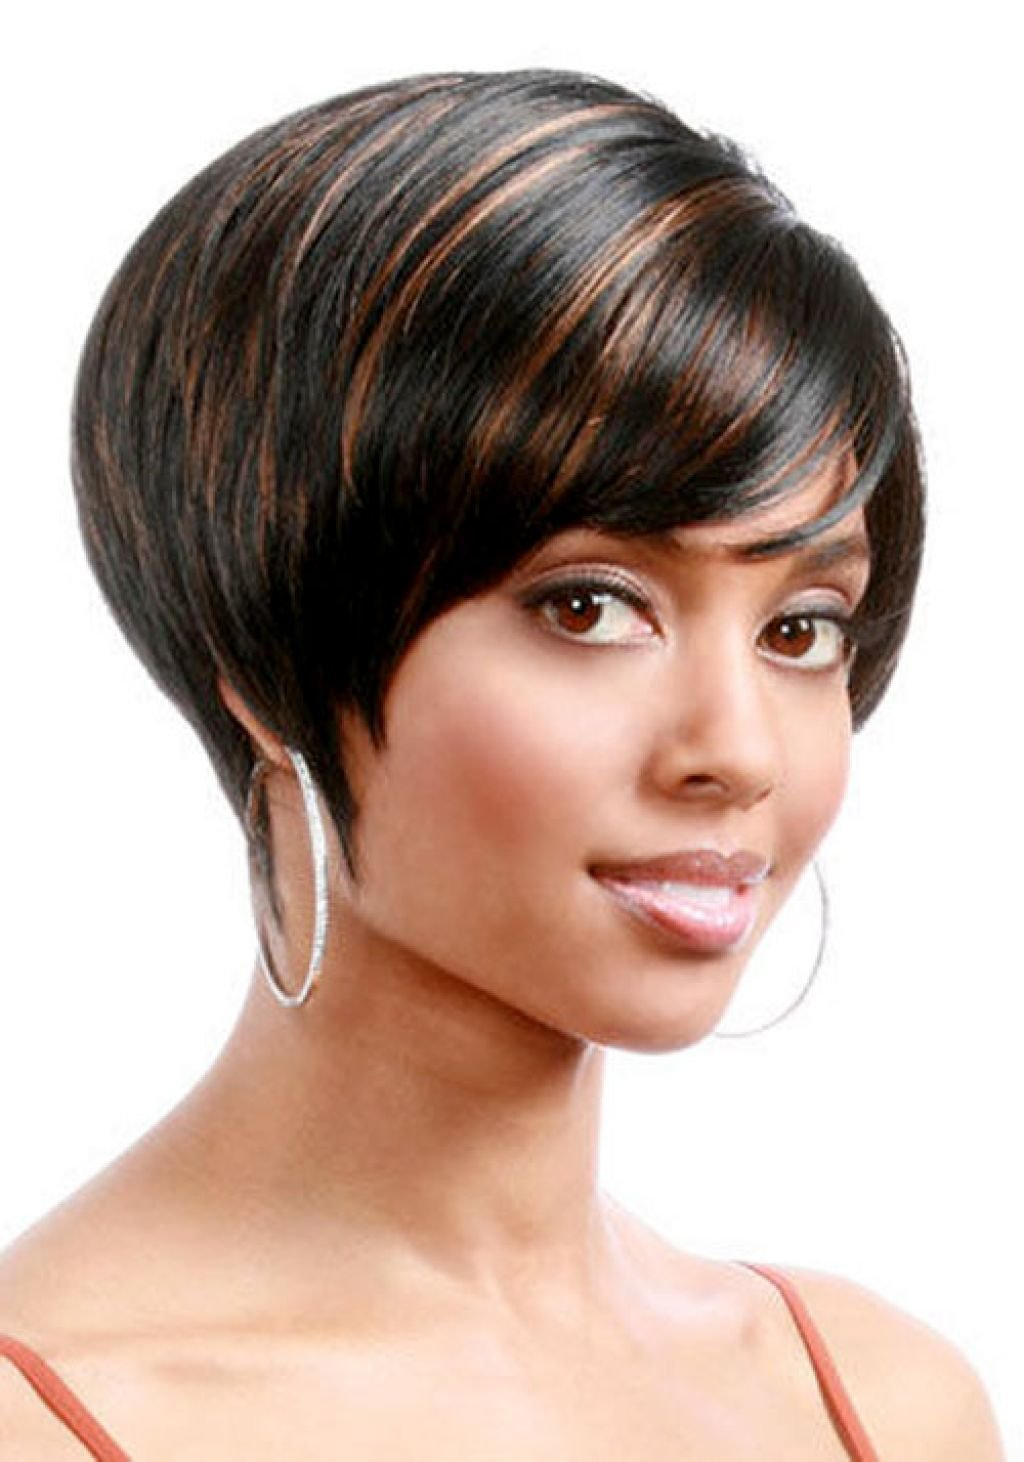 Объемные стрижки на короткие волосы 2018 женские